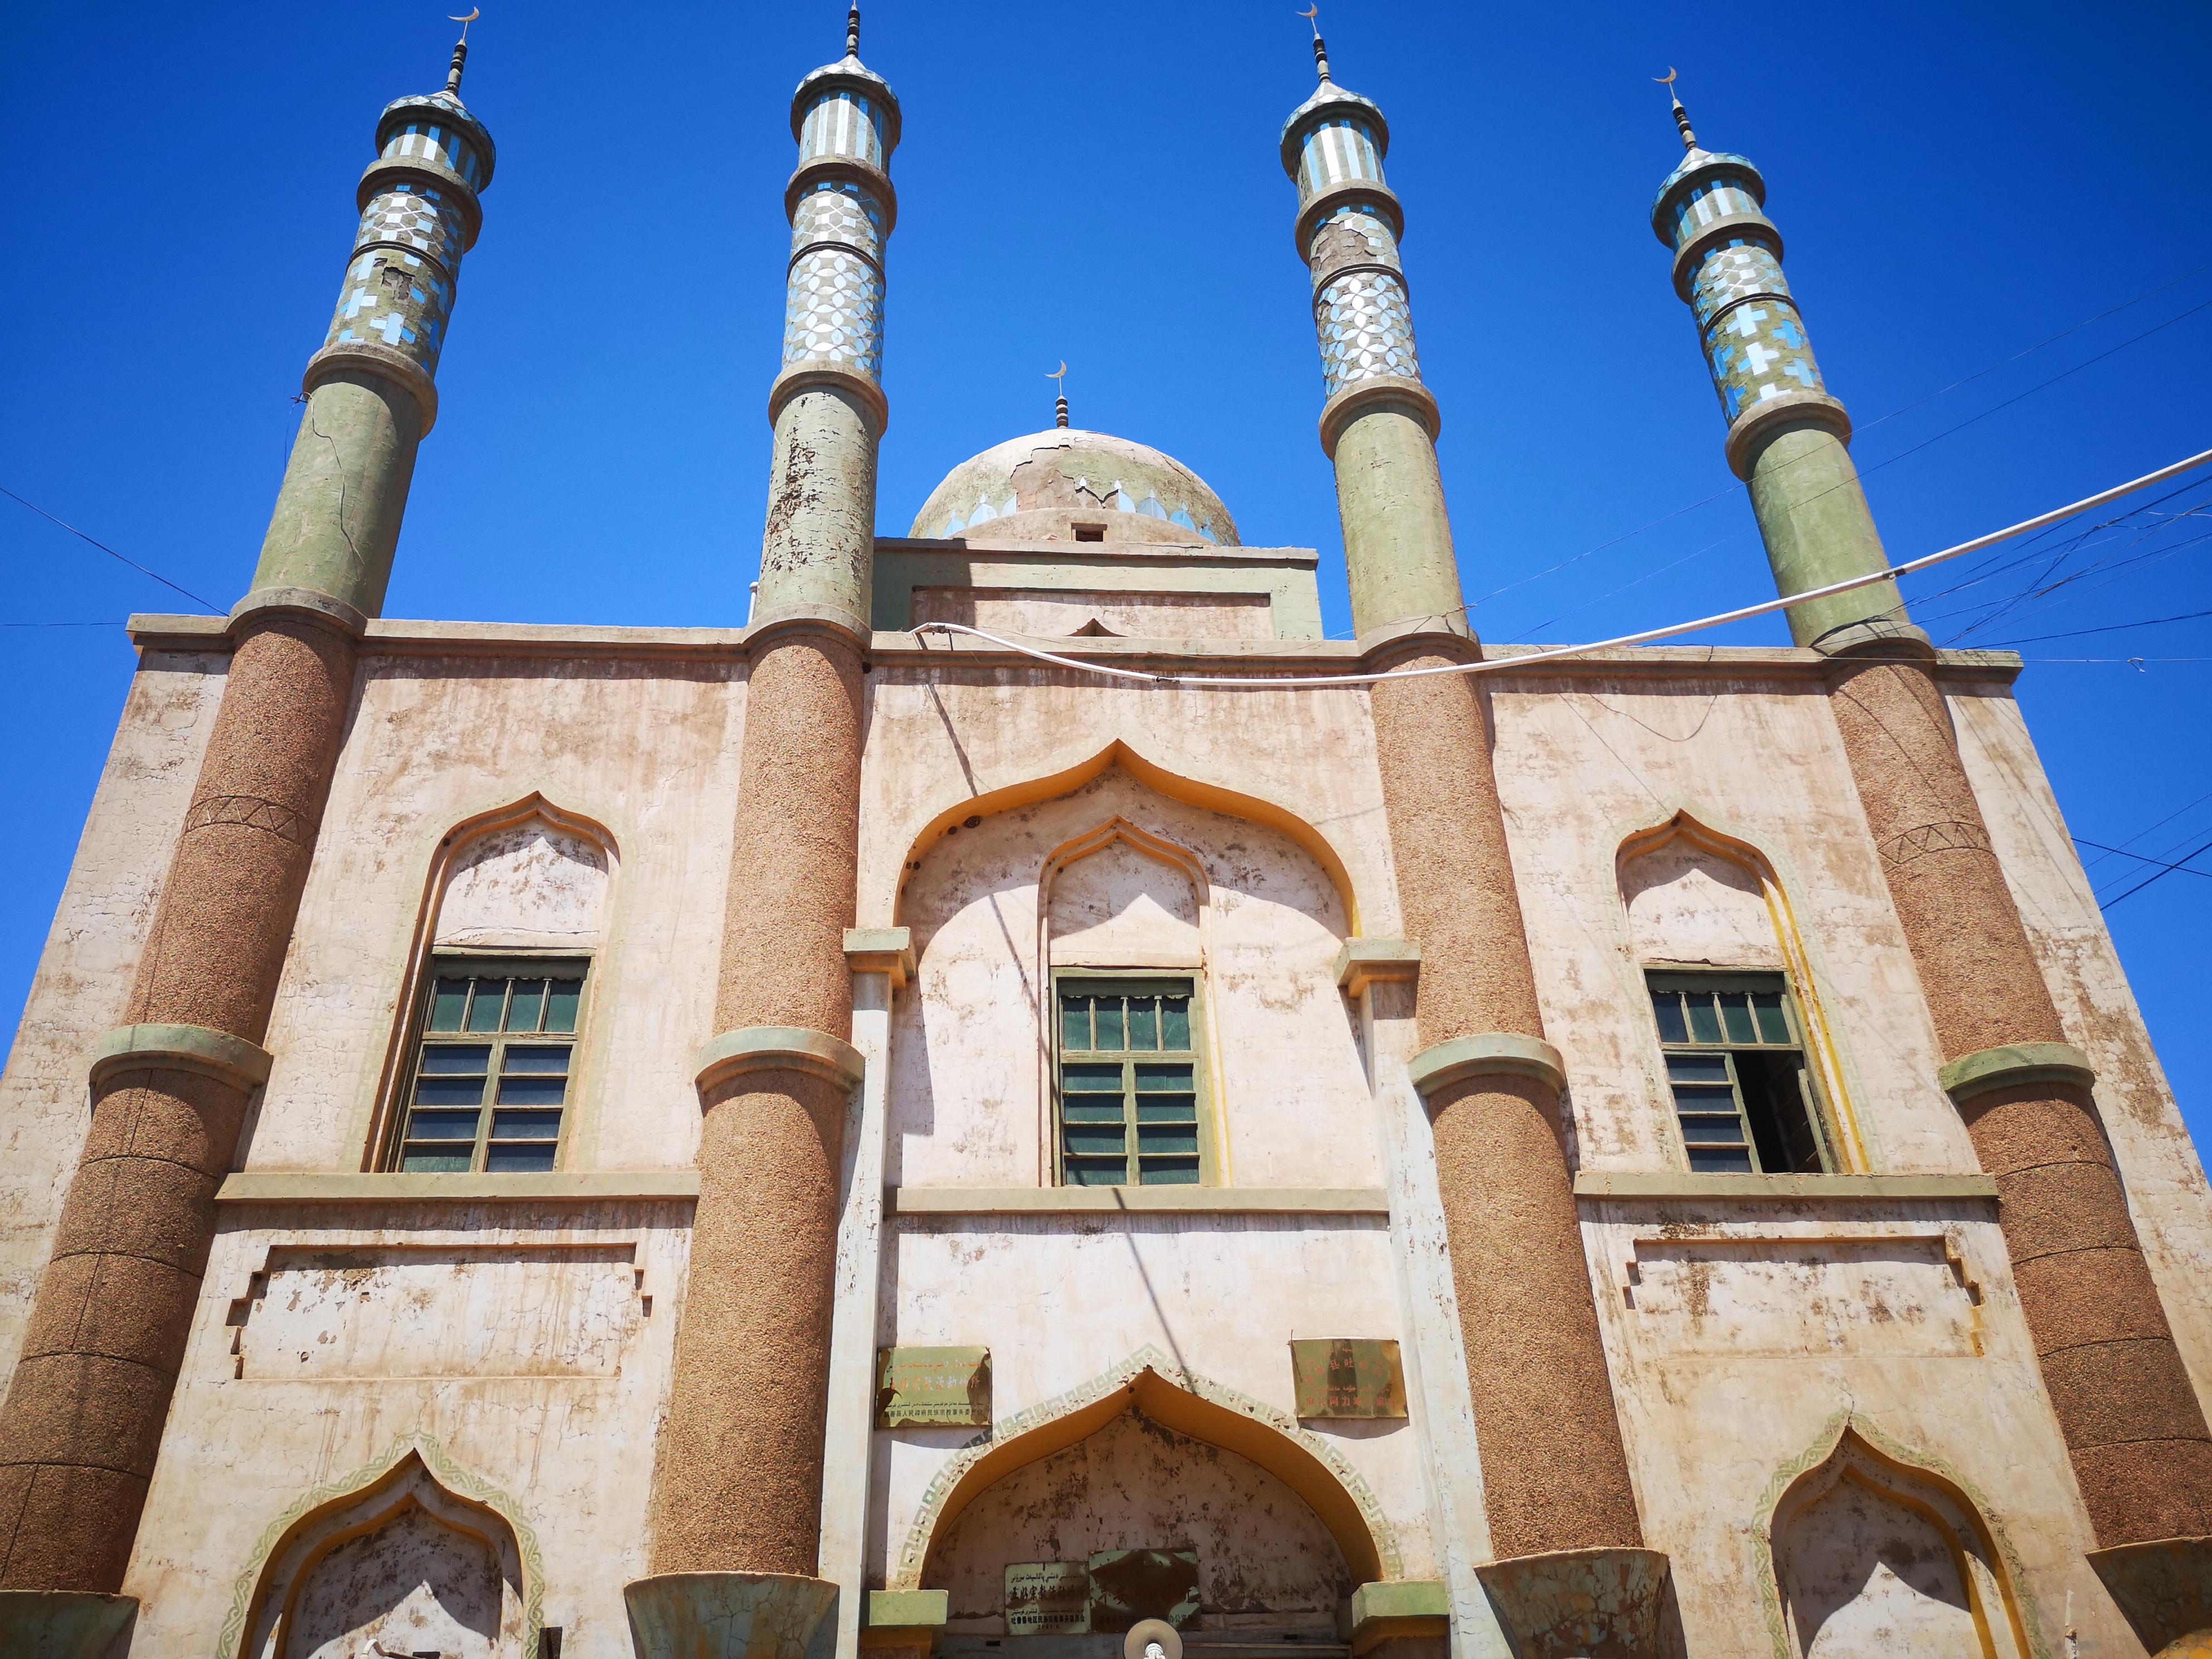 Australische moslim daterende plaats